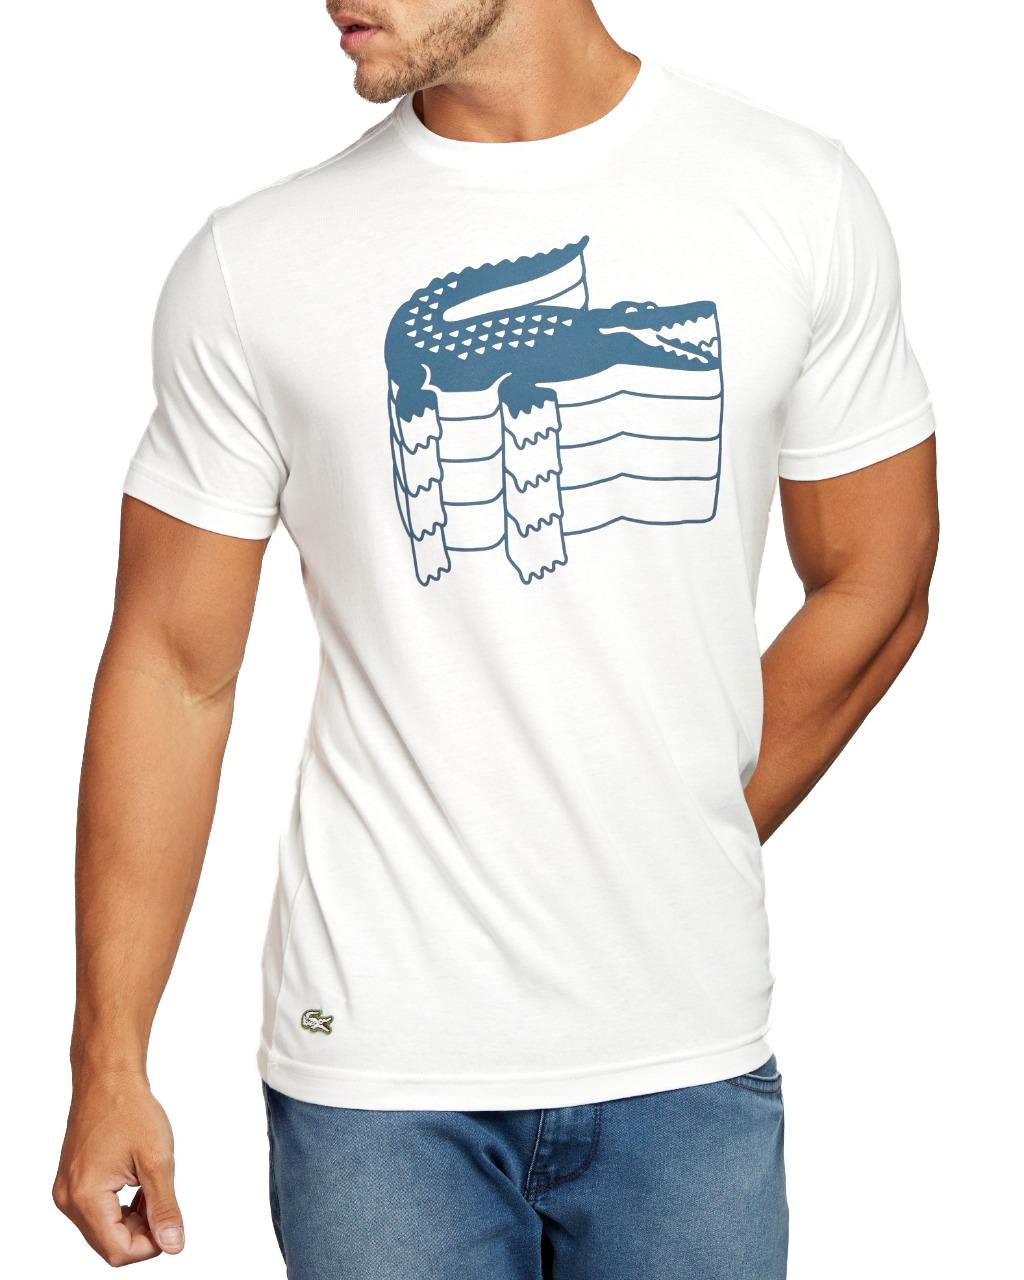 Camiseta Lacoste Live Masculina Crocodilo 3D Cotton Branco